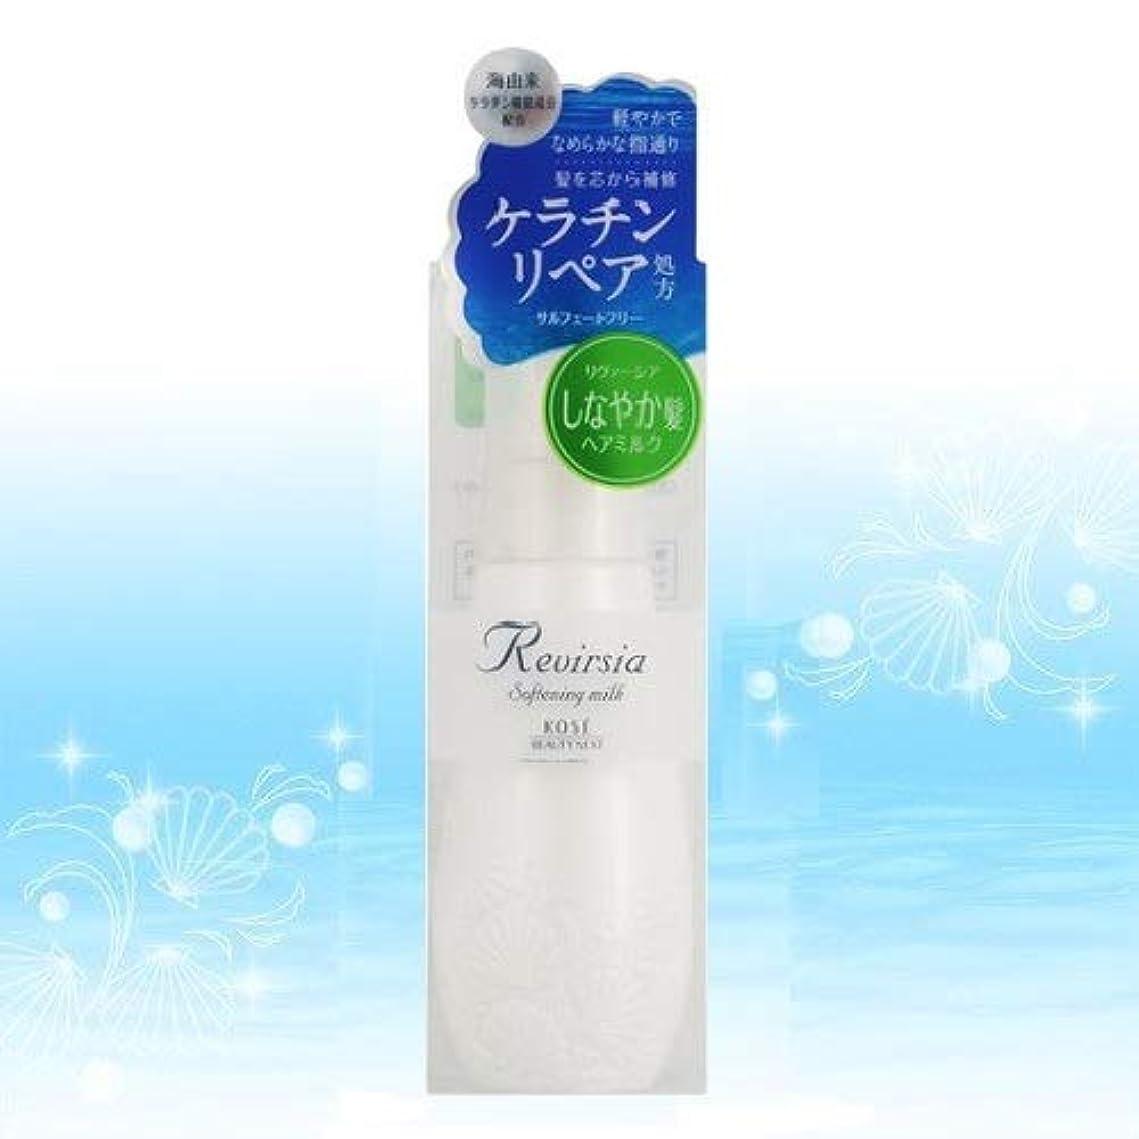 ダブルエキゾチック凍結コーセー リヴァーシア ソフニングミルク 100mL